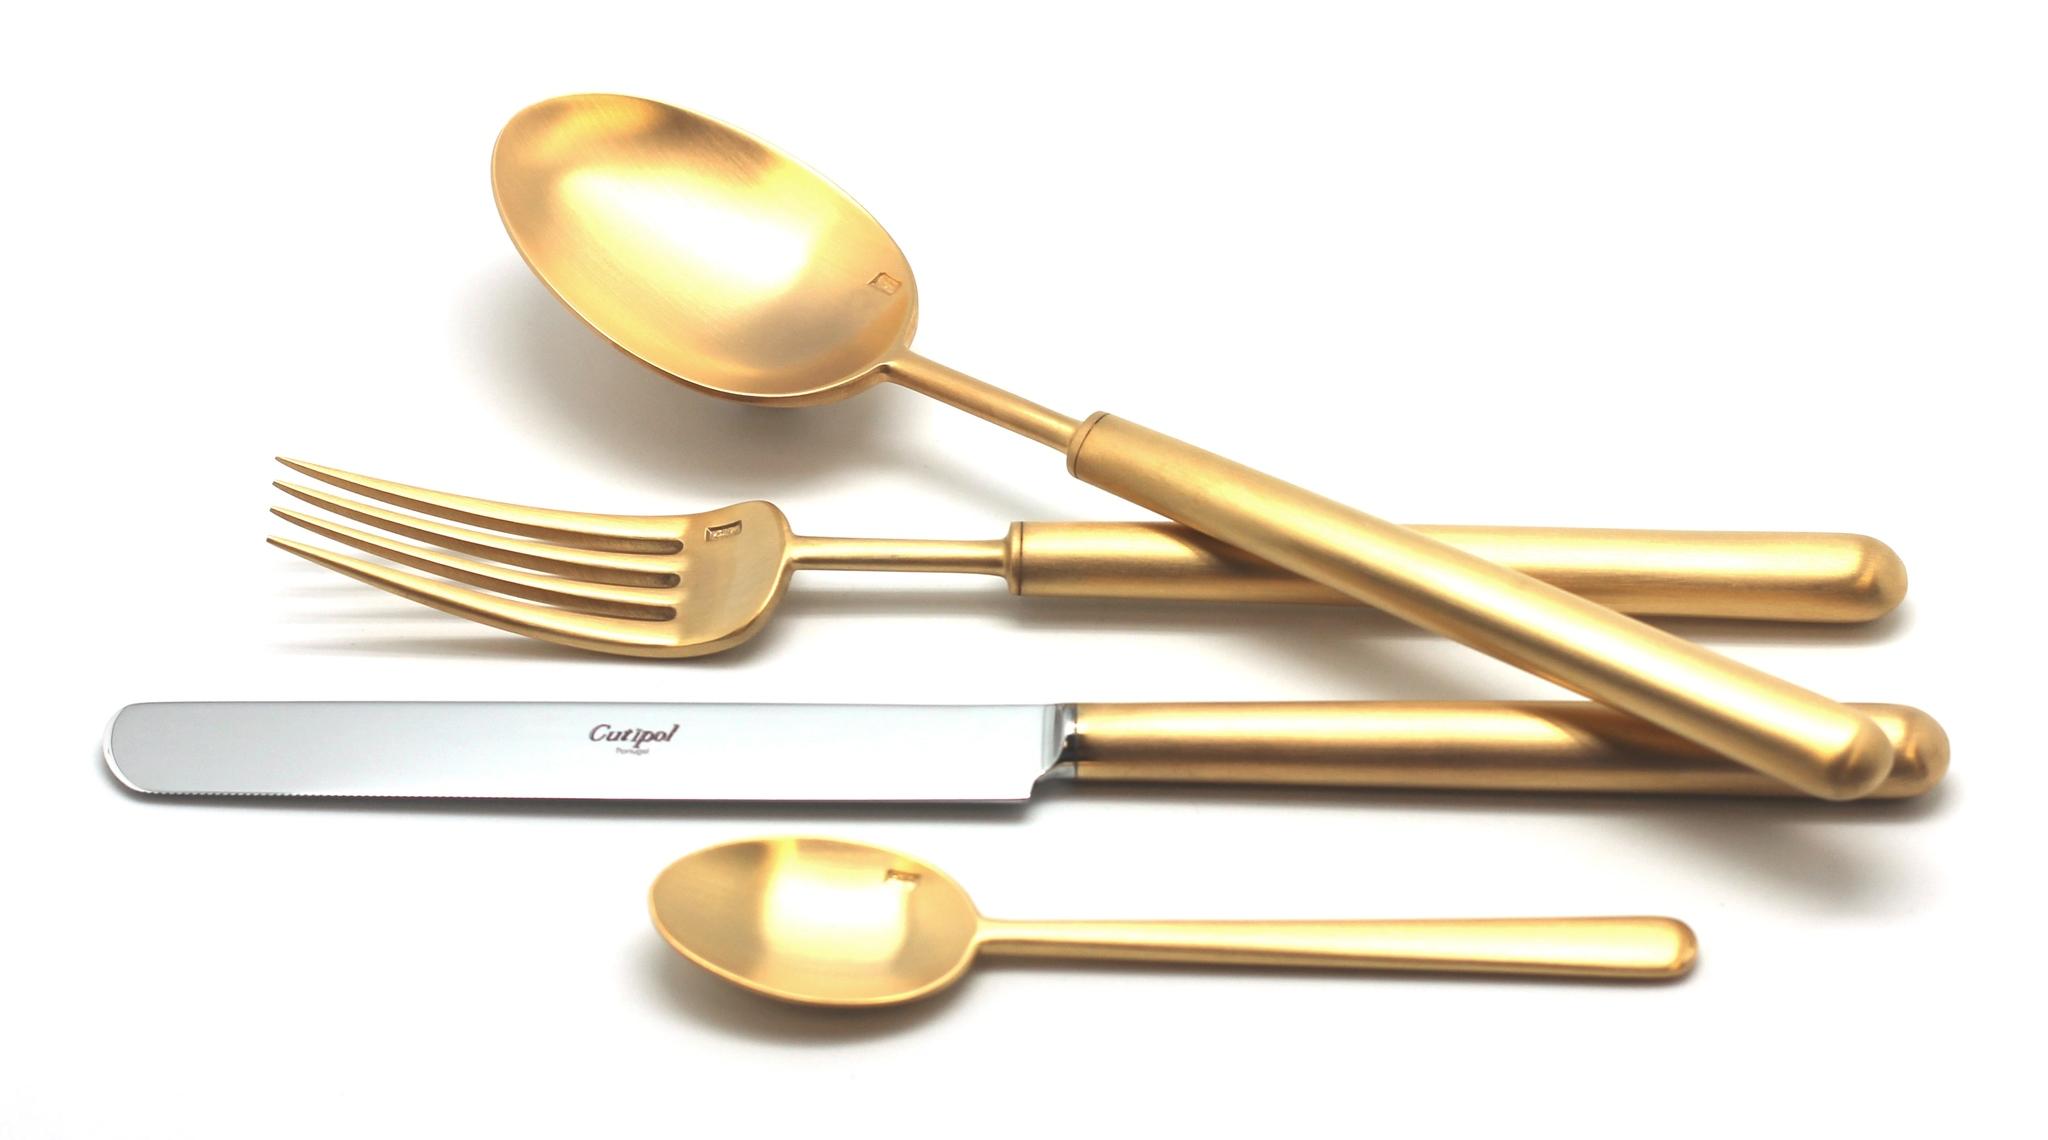 Набор 72 пр BALI GOLD, артикул 9312-72, производитель - Cutipol